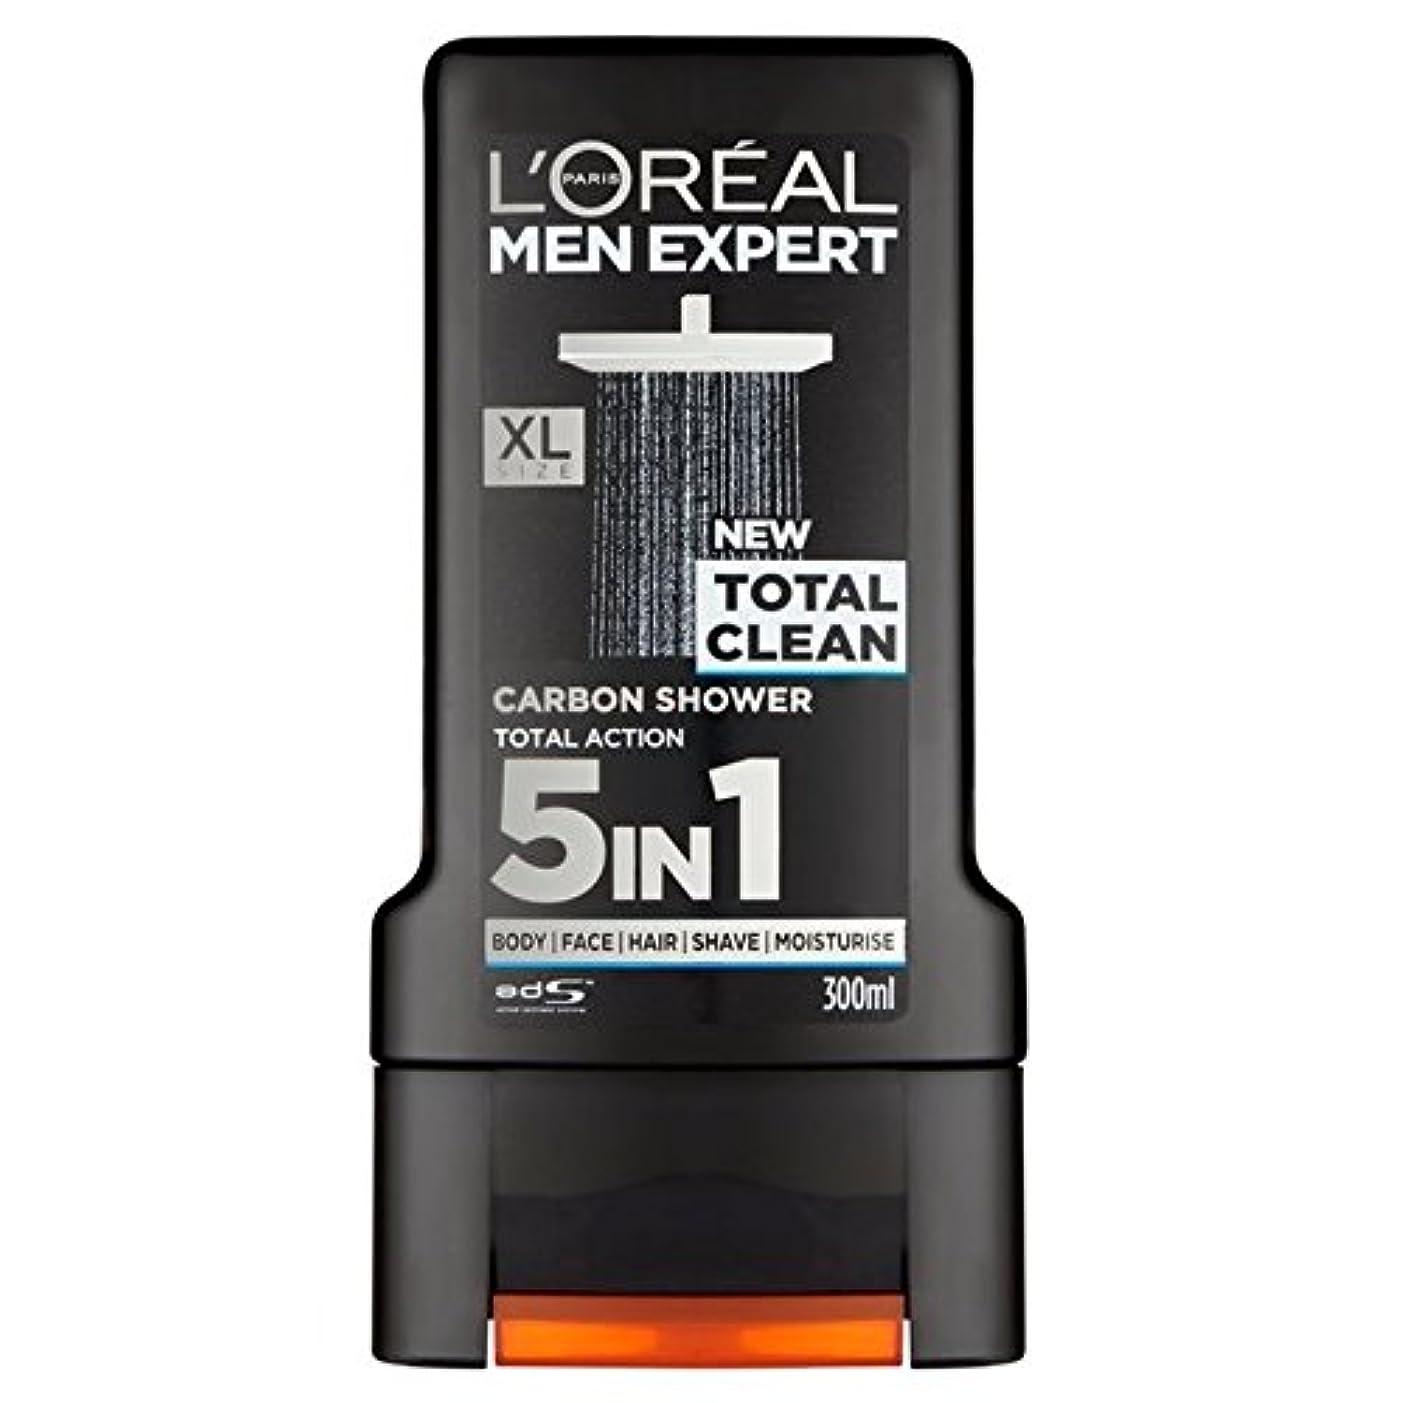 バンカー十不安L'Oreal Paris Men Expert Total Clean Shower Gel 300ml (Pack of 6) - ロレアルパリのメンズ専門トータルクリーンシャワージェル300ミリリットル x6 [並行輸入品]